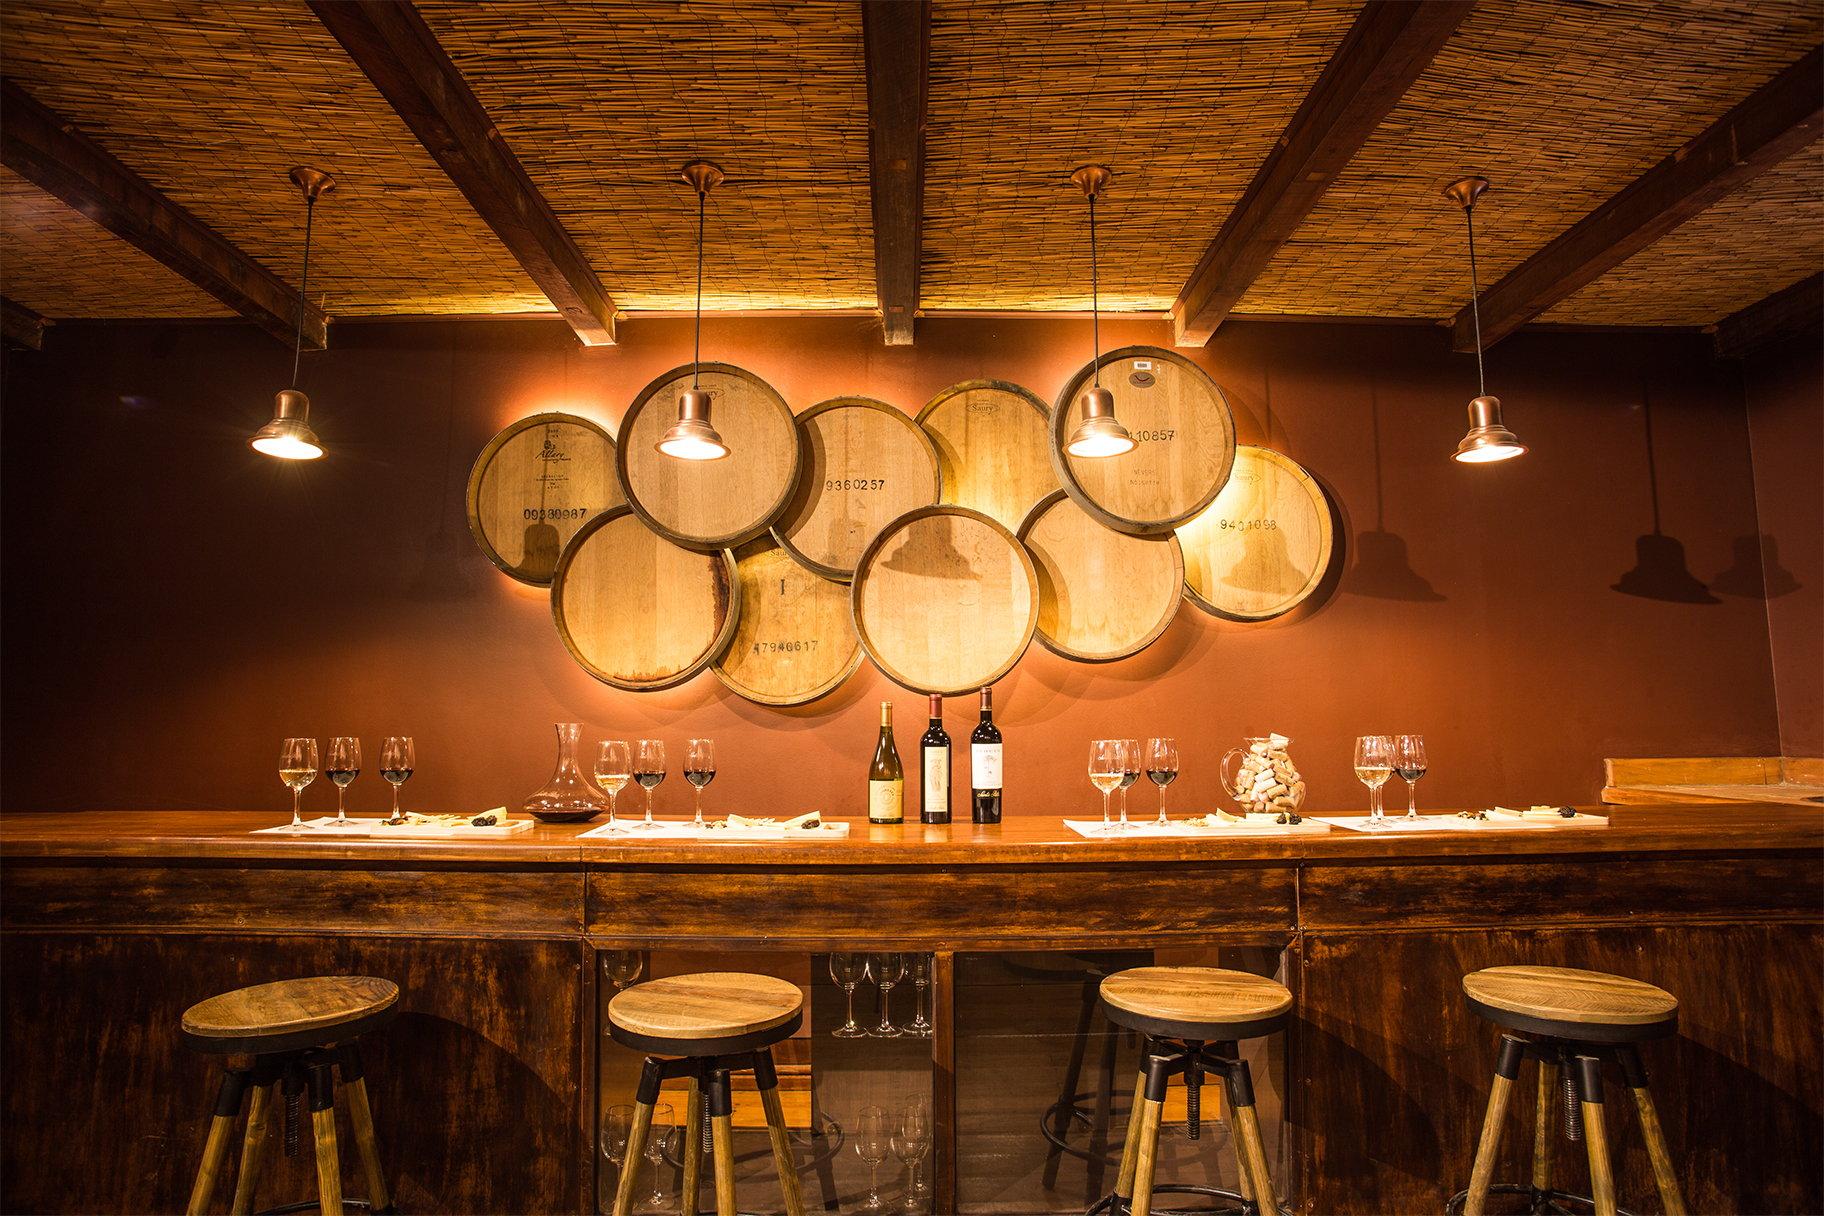 Tour de degustación de vinos en Viña Santa Rita